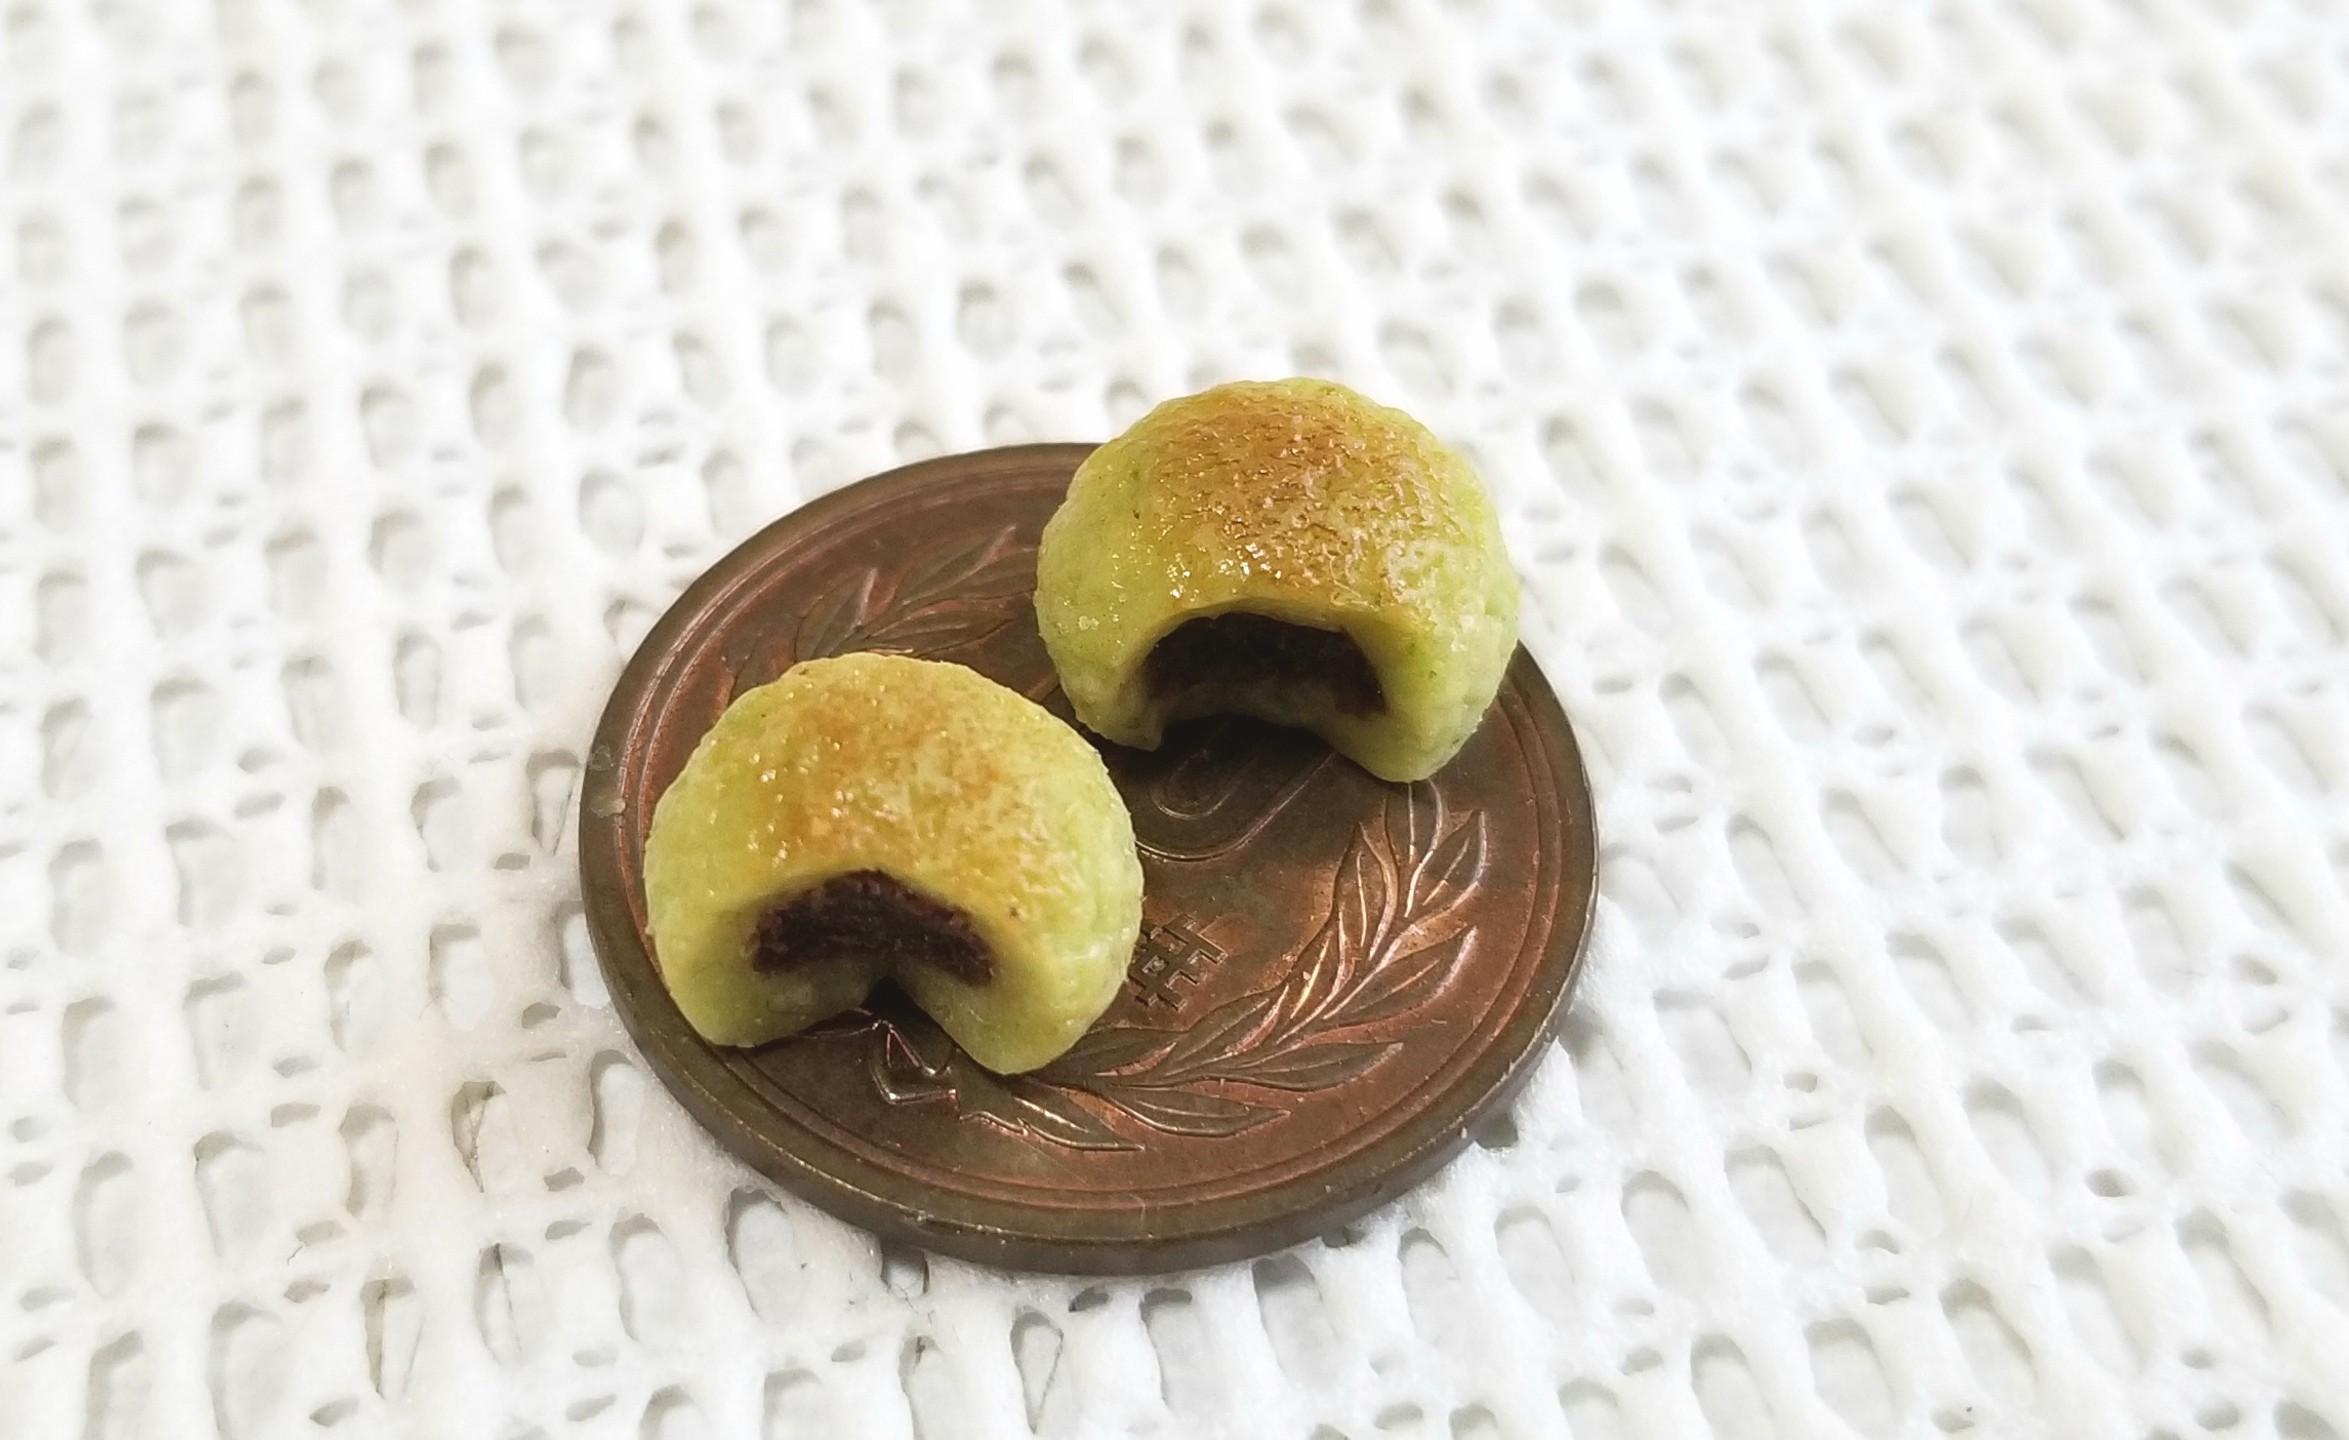 ミニチュアフード, よもぎパン, かじりかけ, 樹脂粘土, 食品サンプル